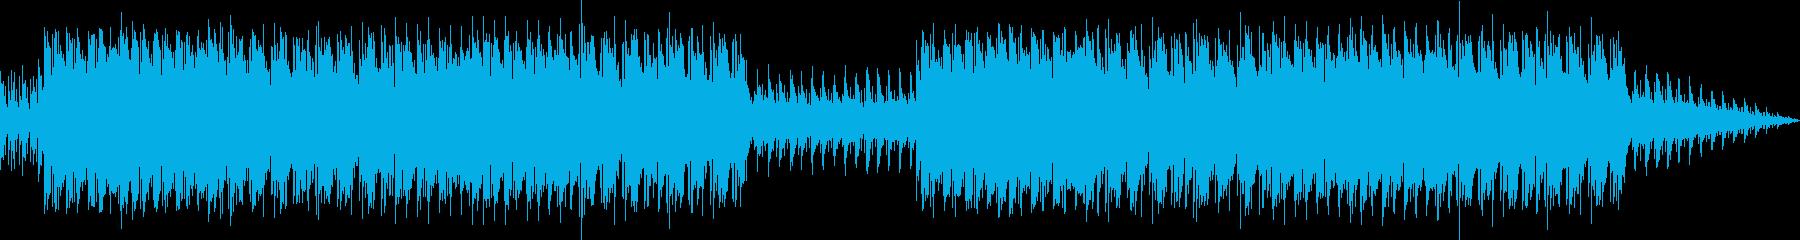 ファンタジーRPGのユーティリティー画…の再生済みの波形